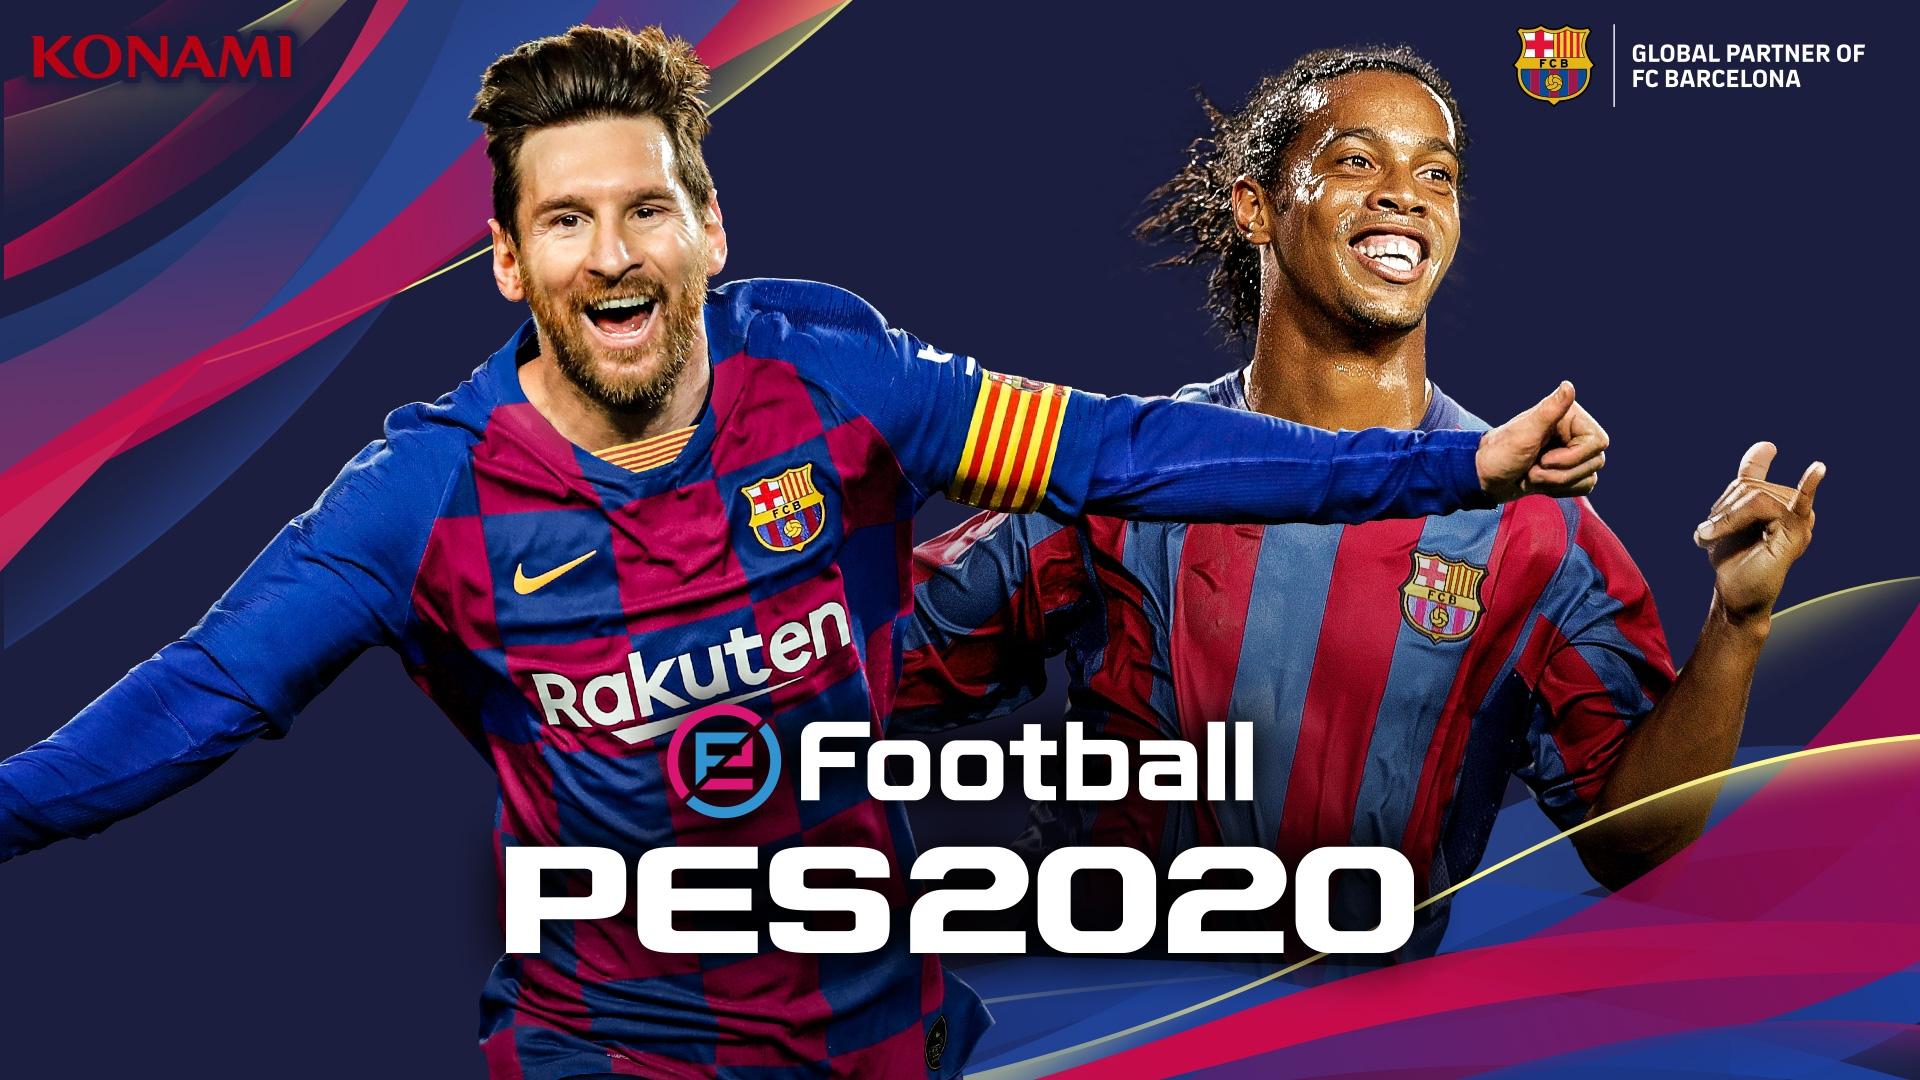 Annunciato ufficialmente PES 2020